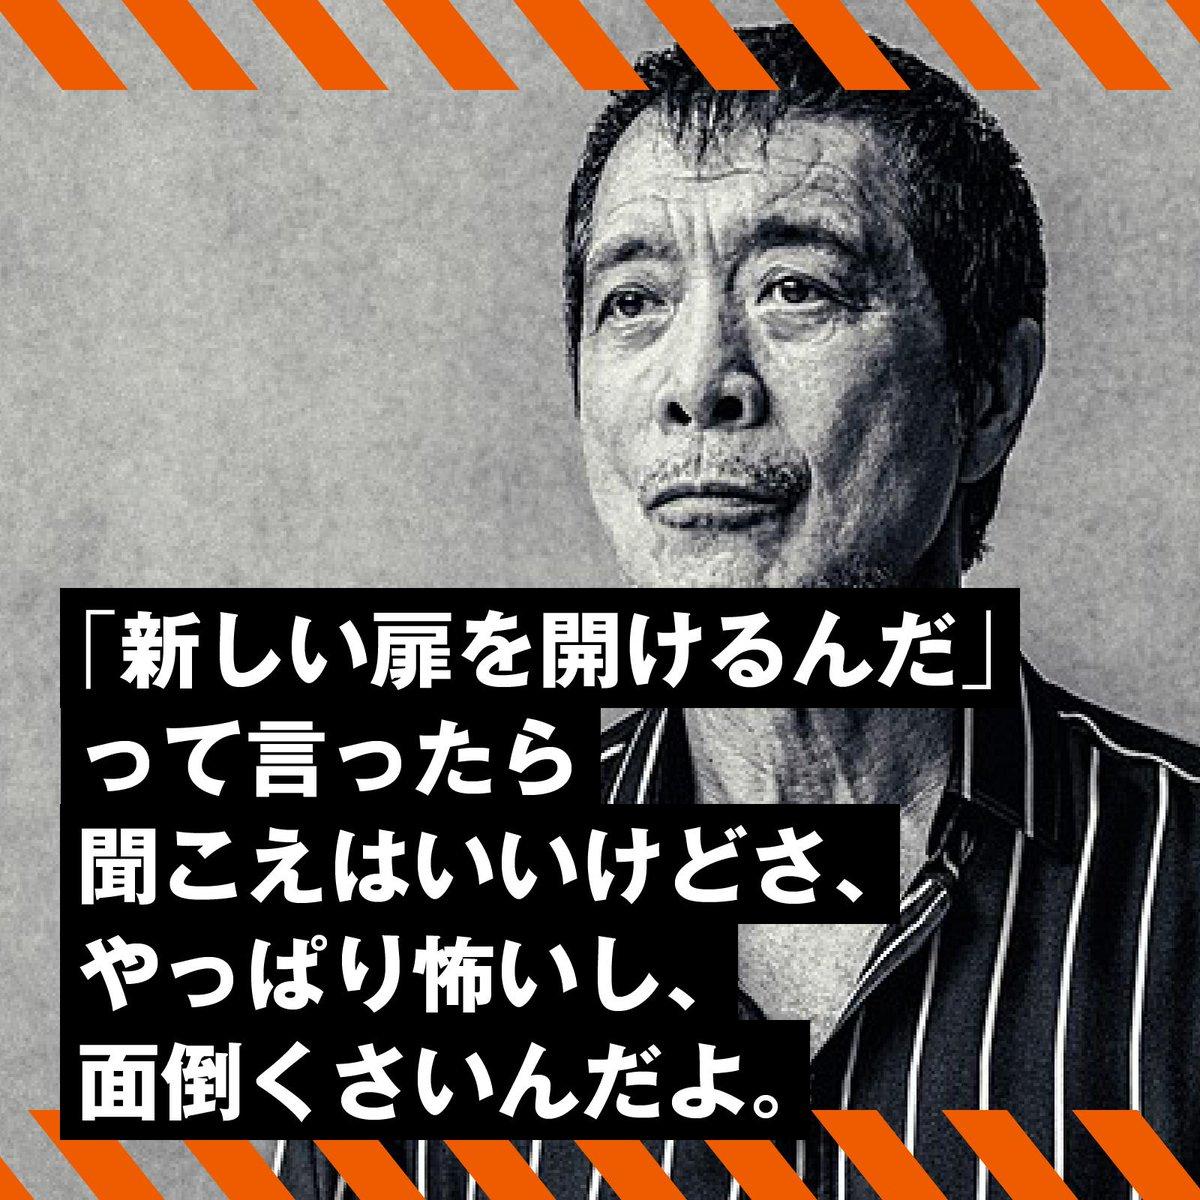 「日本で「俺は矢沢だ」とか「後楽園でやった」とか言ってたけれども「なんだ、結局狭い場所でそう言ってただけじゃん?」って思うわけですよ」矢沢永吉さん #YAZAWA インタビューより 👉